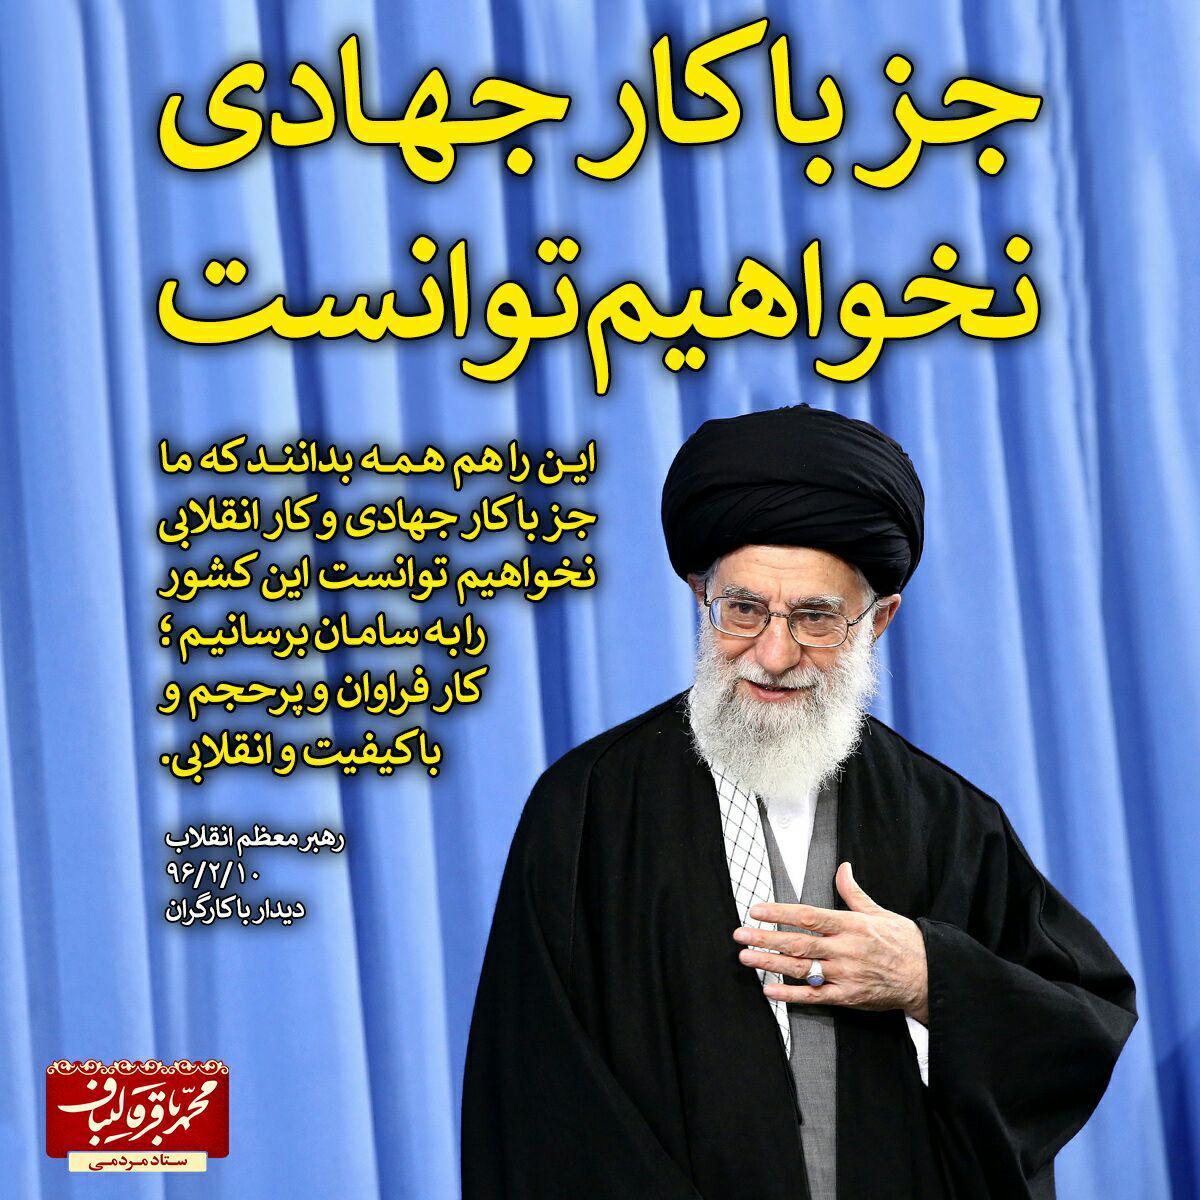 عکس ضد رهبری